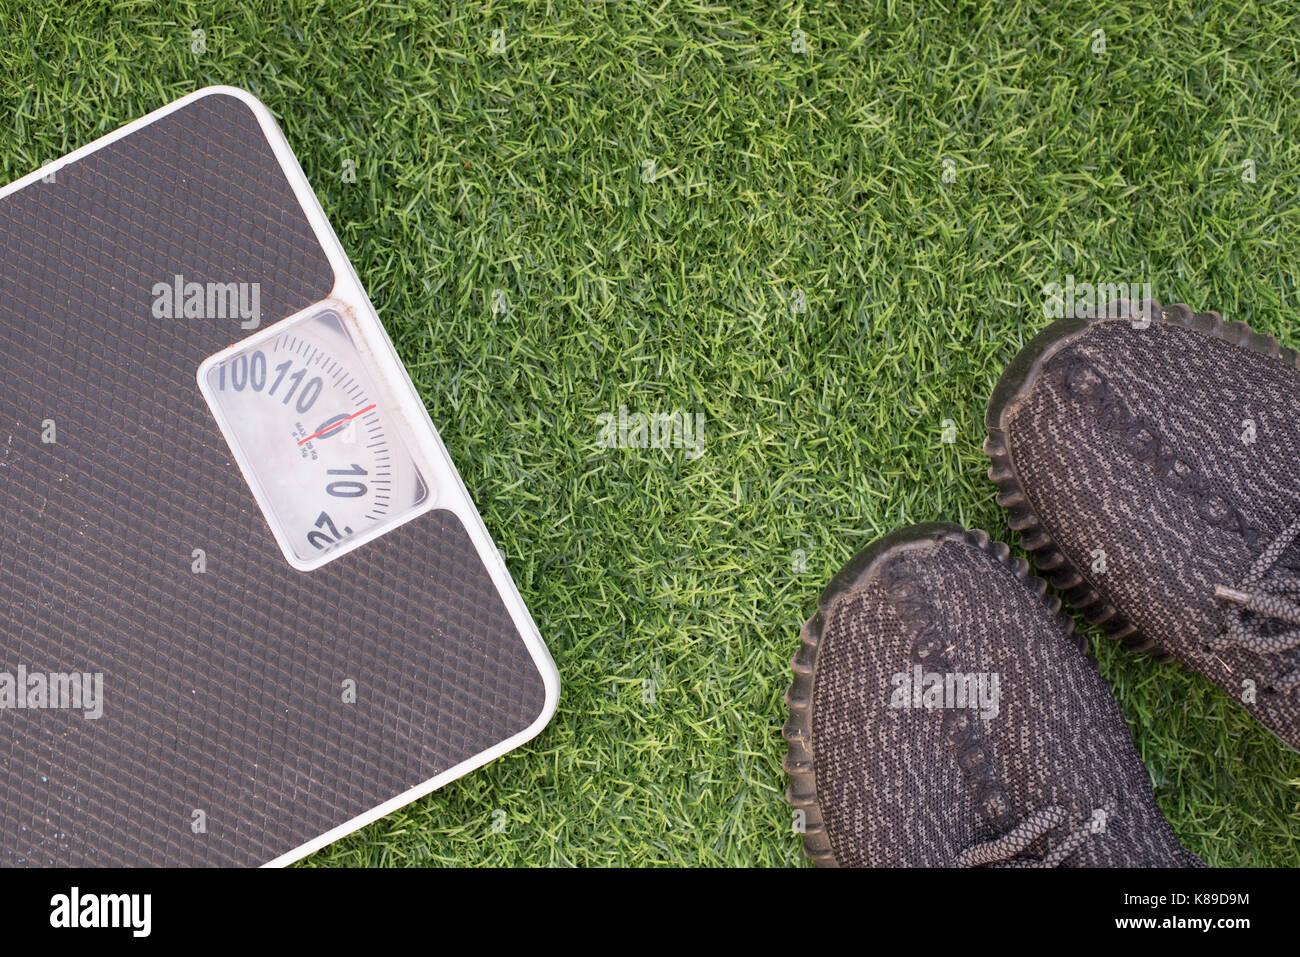 Fitness- und Gewichtsverlust Konzept, weisse Skala und Sport Schuh auf ein Gras, Ansicht von oben, kostenlose Kopie Stockbild